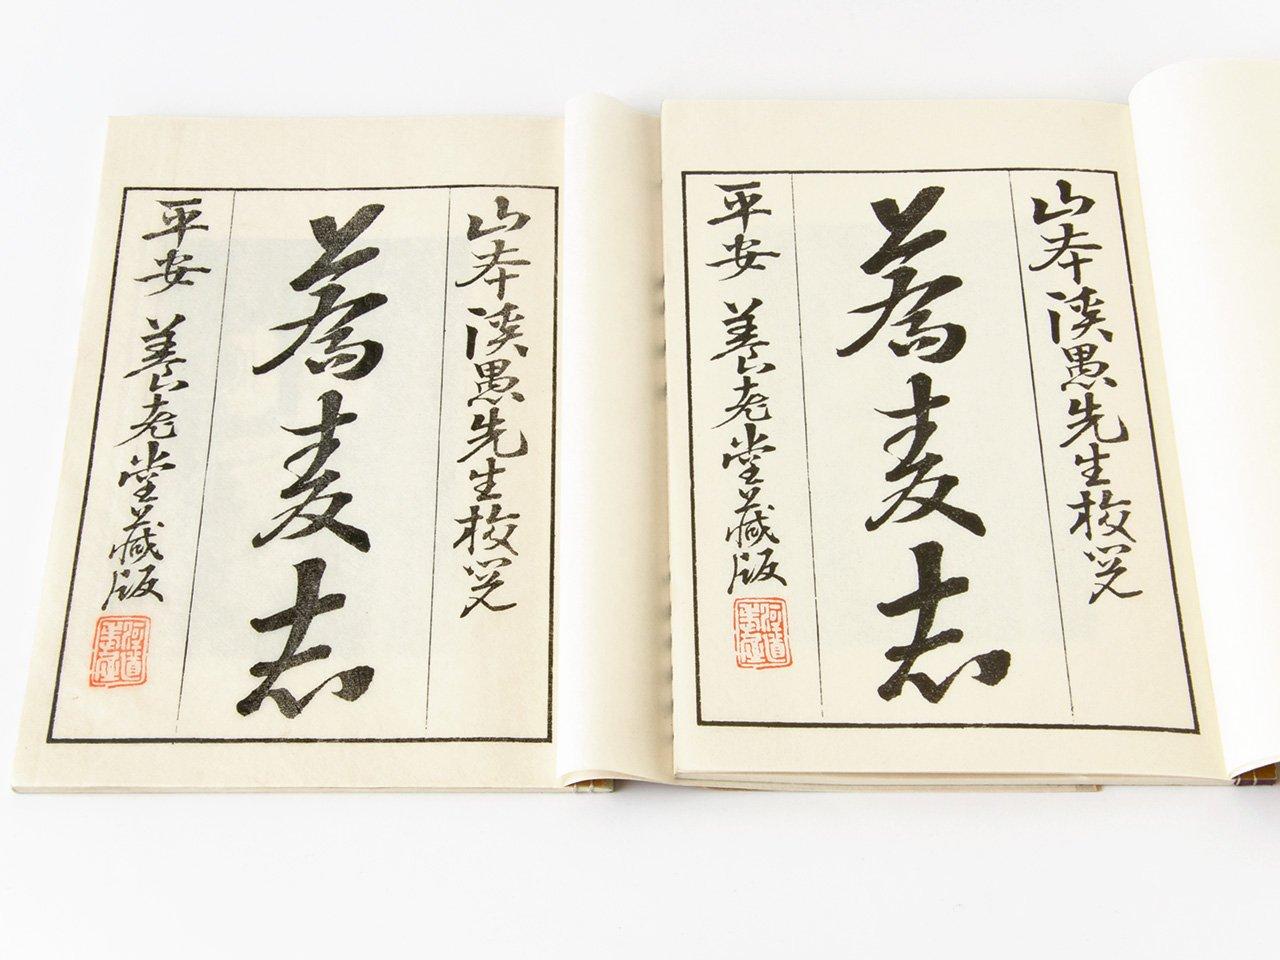 【自費出版制作事例】復刻本 「蕎麦誌」総本家河道屋